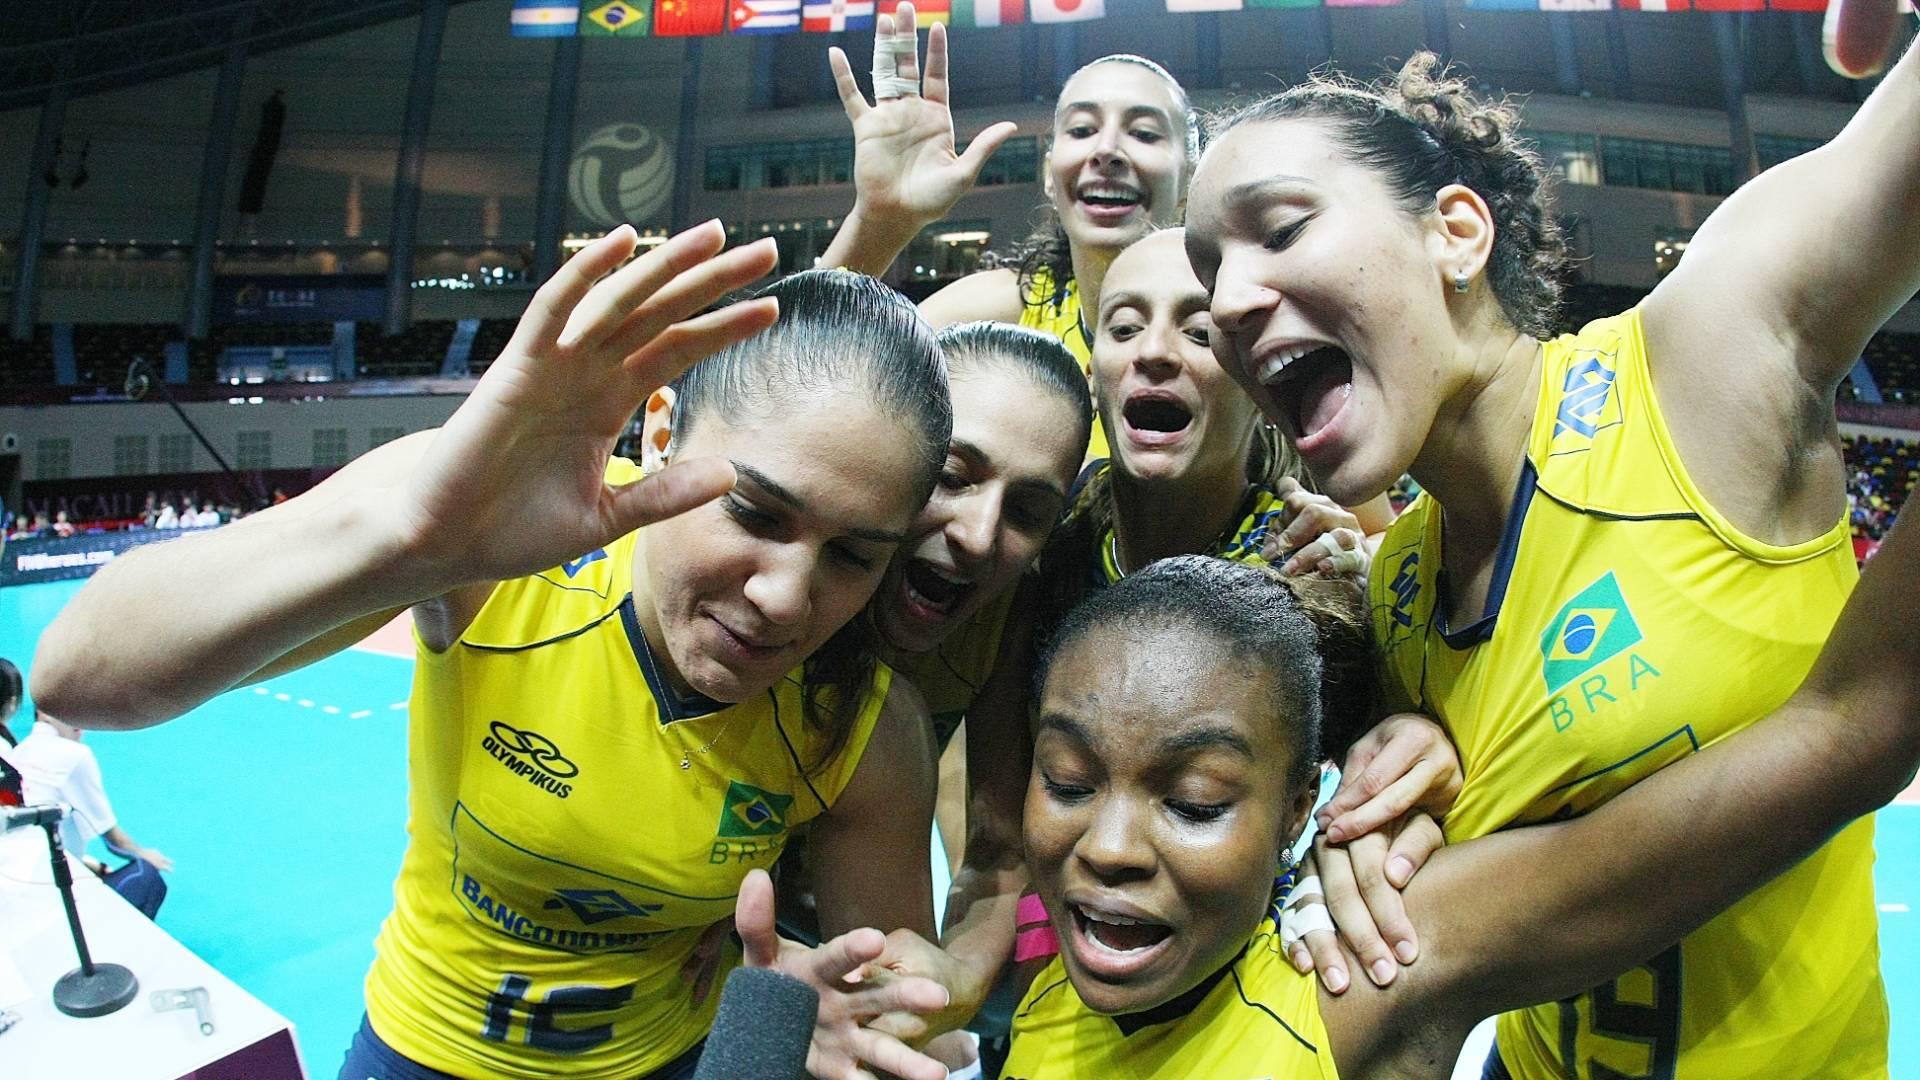 Jogadoras brasileiras tentam mandar recado em câmera de TV depois da vitória sobre a Itália